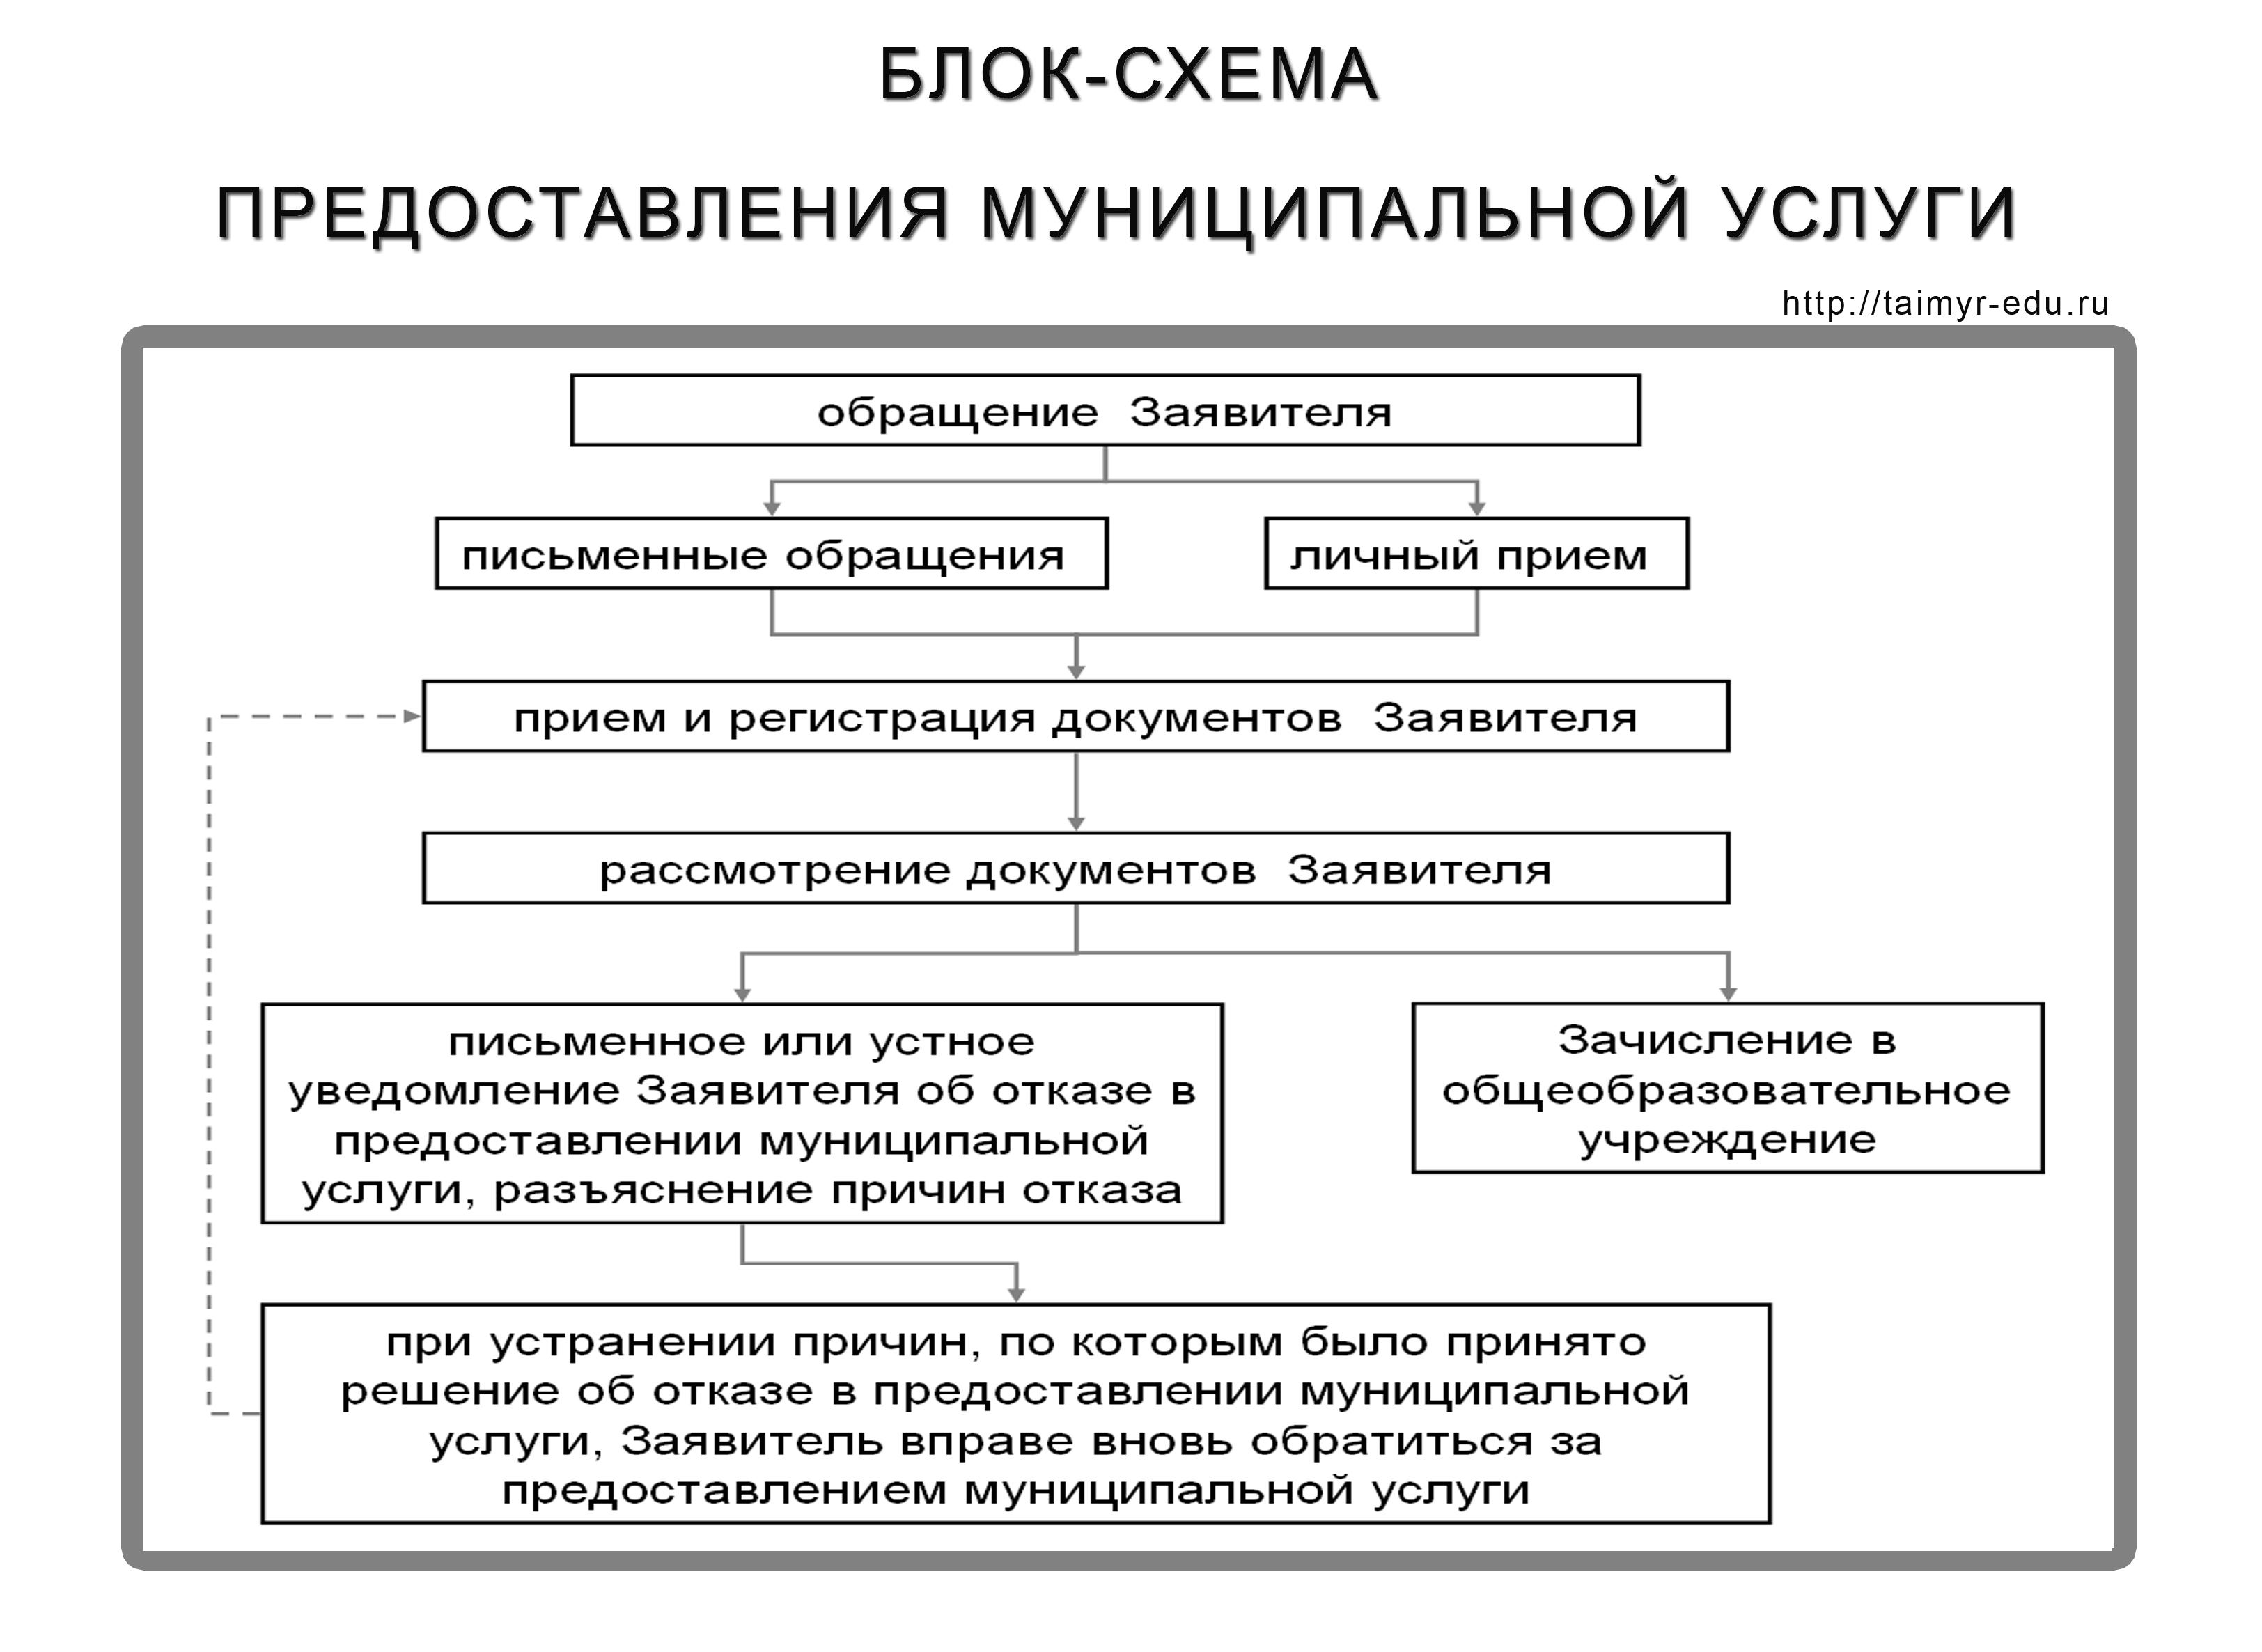 Форма типовой технологической схемы государственной услуги